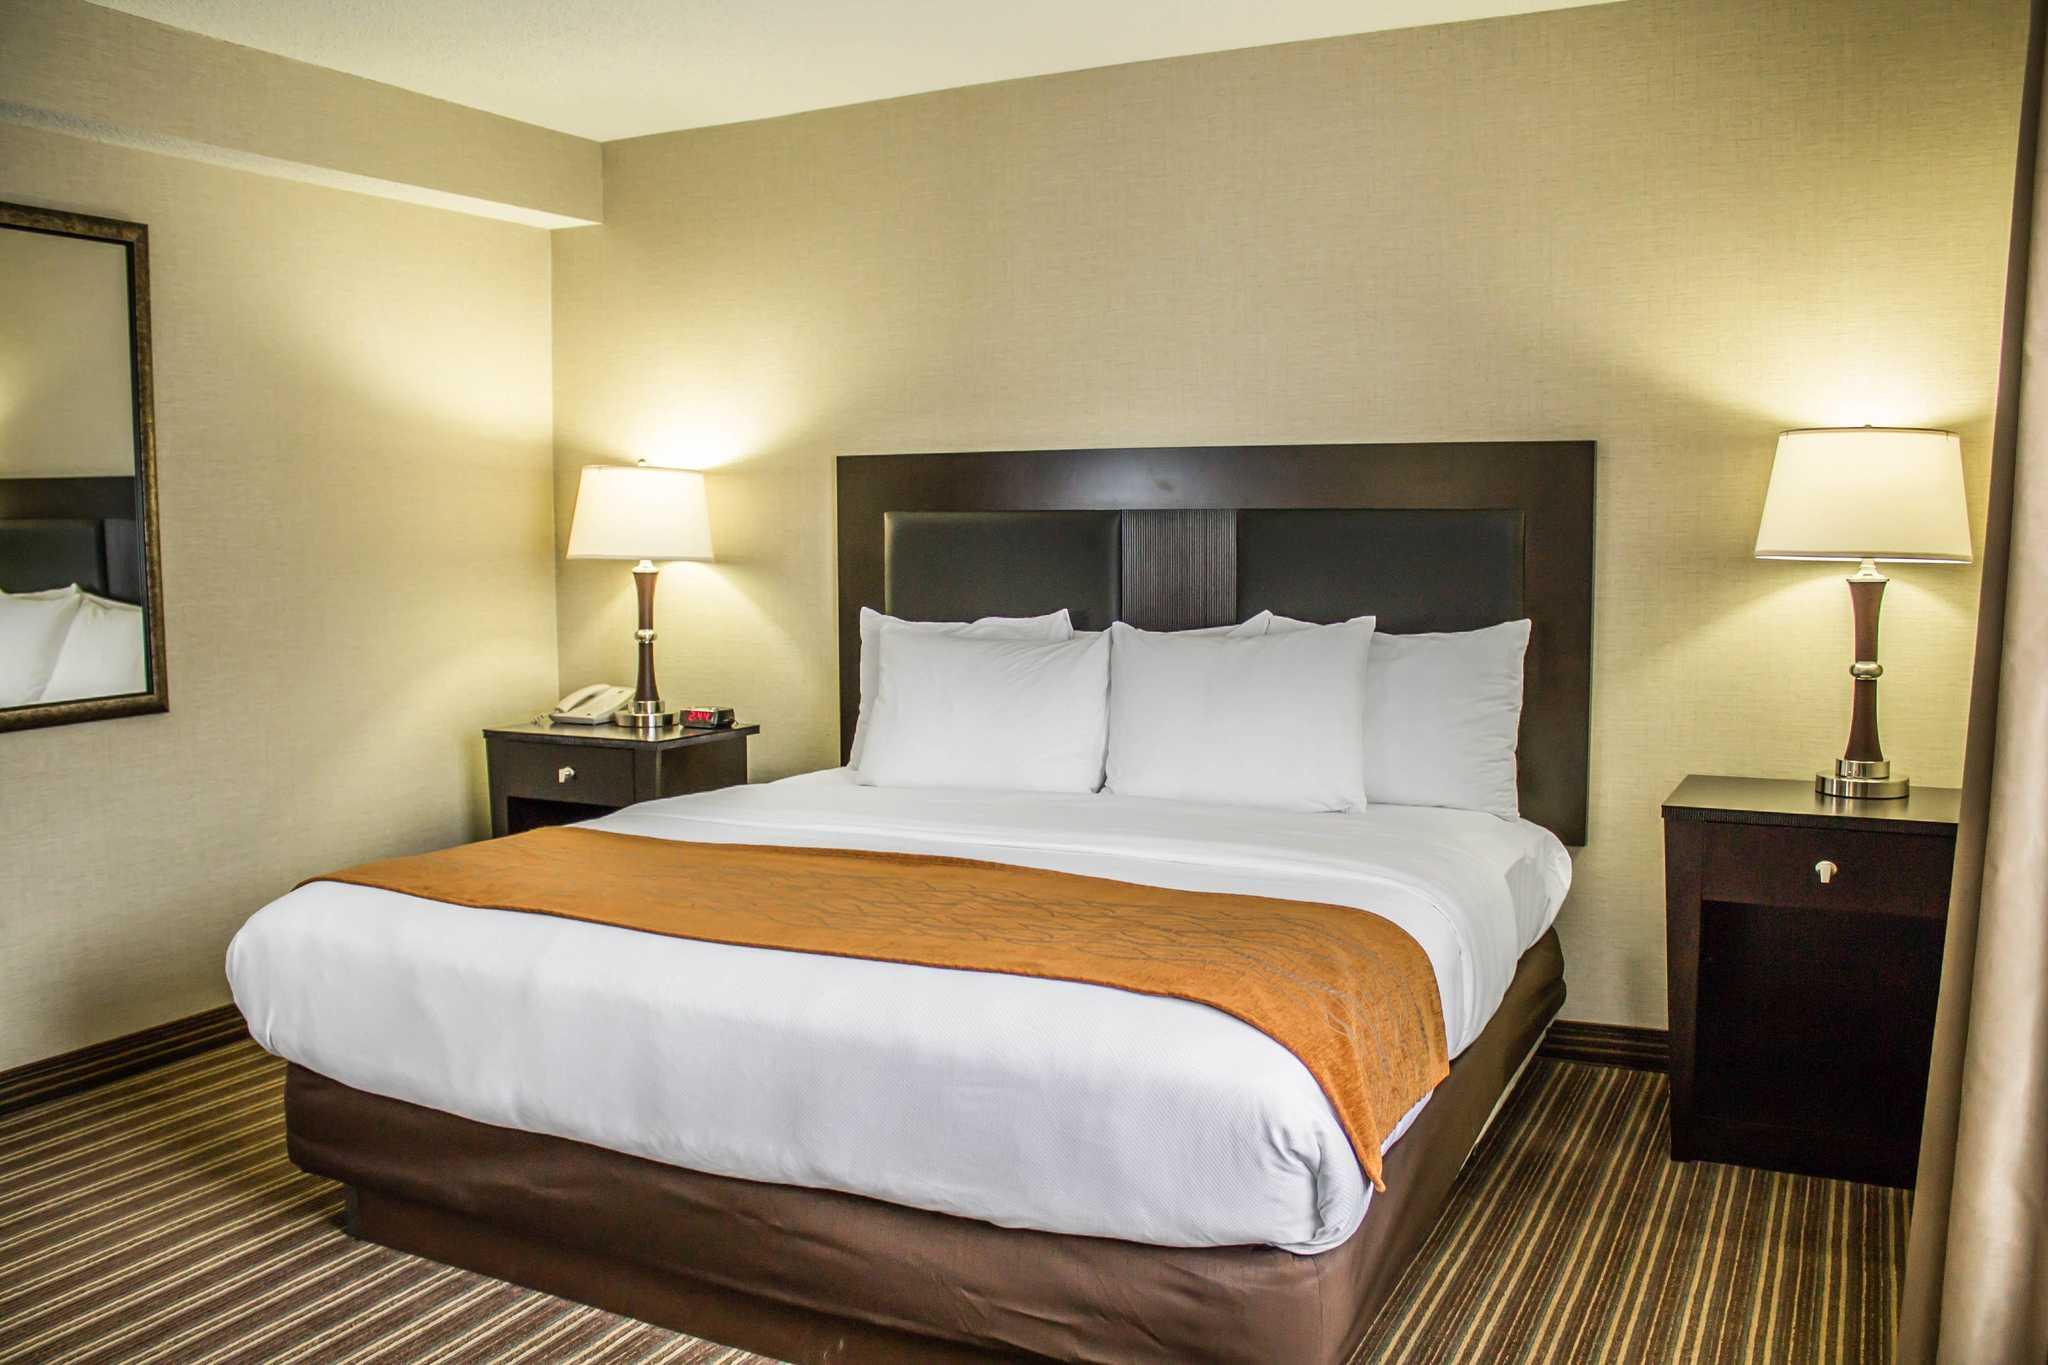 comfort of reservations suites berlin inn glen oh ohio hotels millersburg general dr comforter